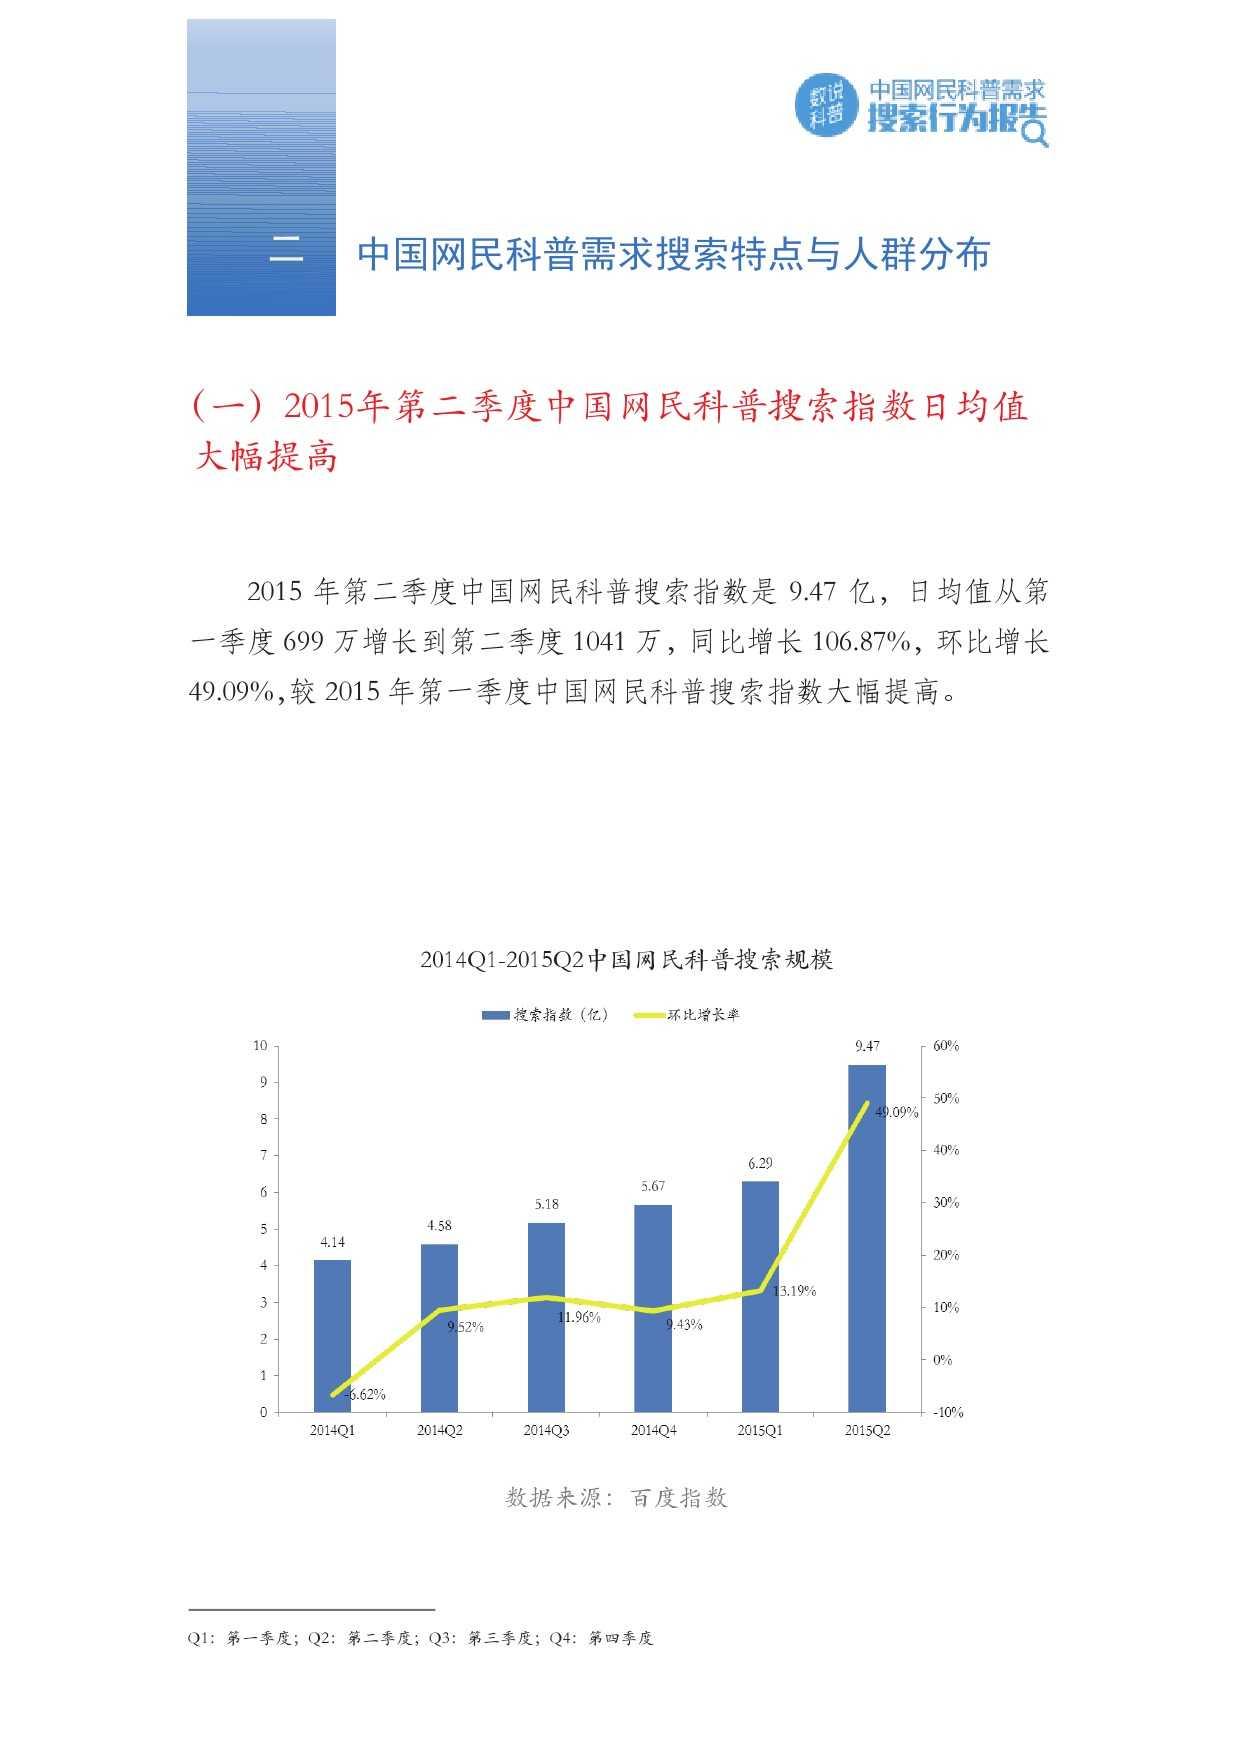 百度:2015年Q2中国网民科普需求搜索行为报告_000005